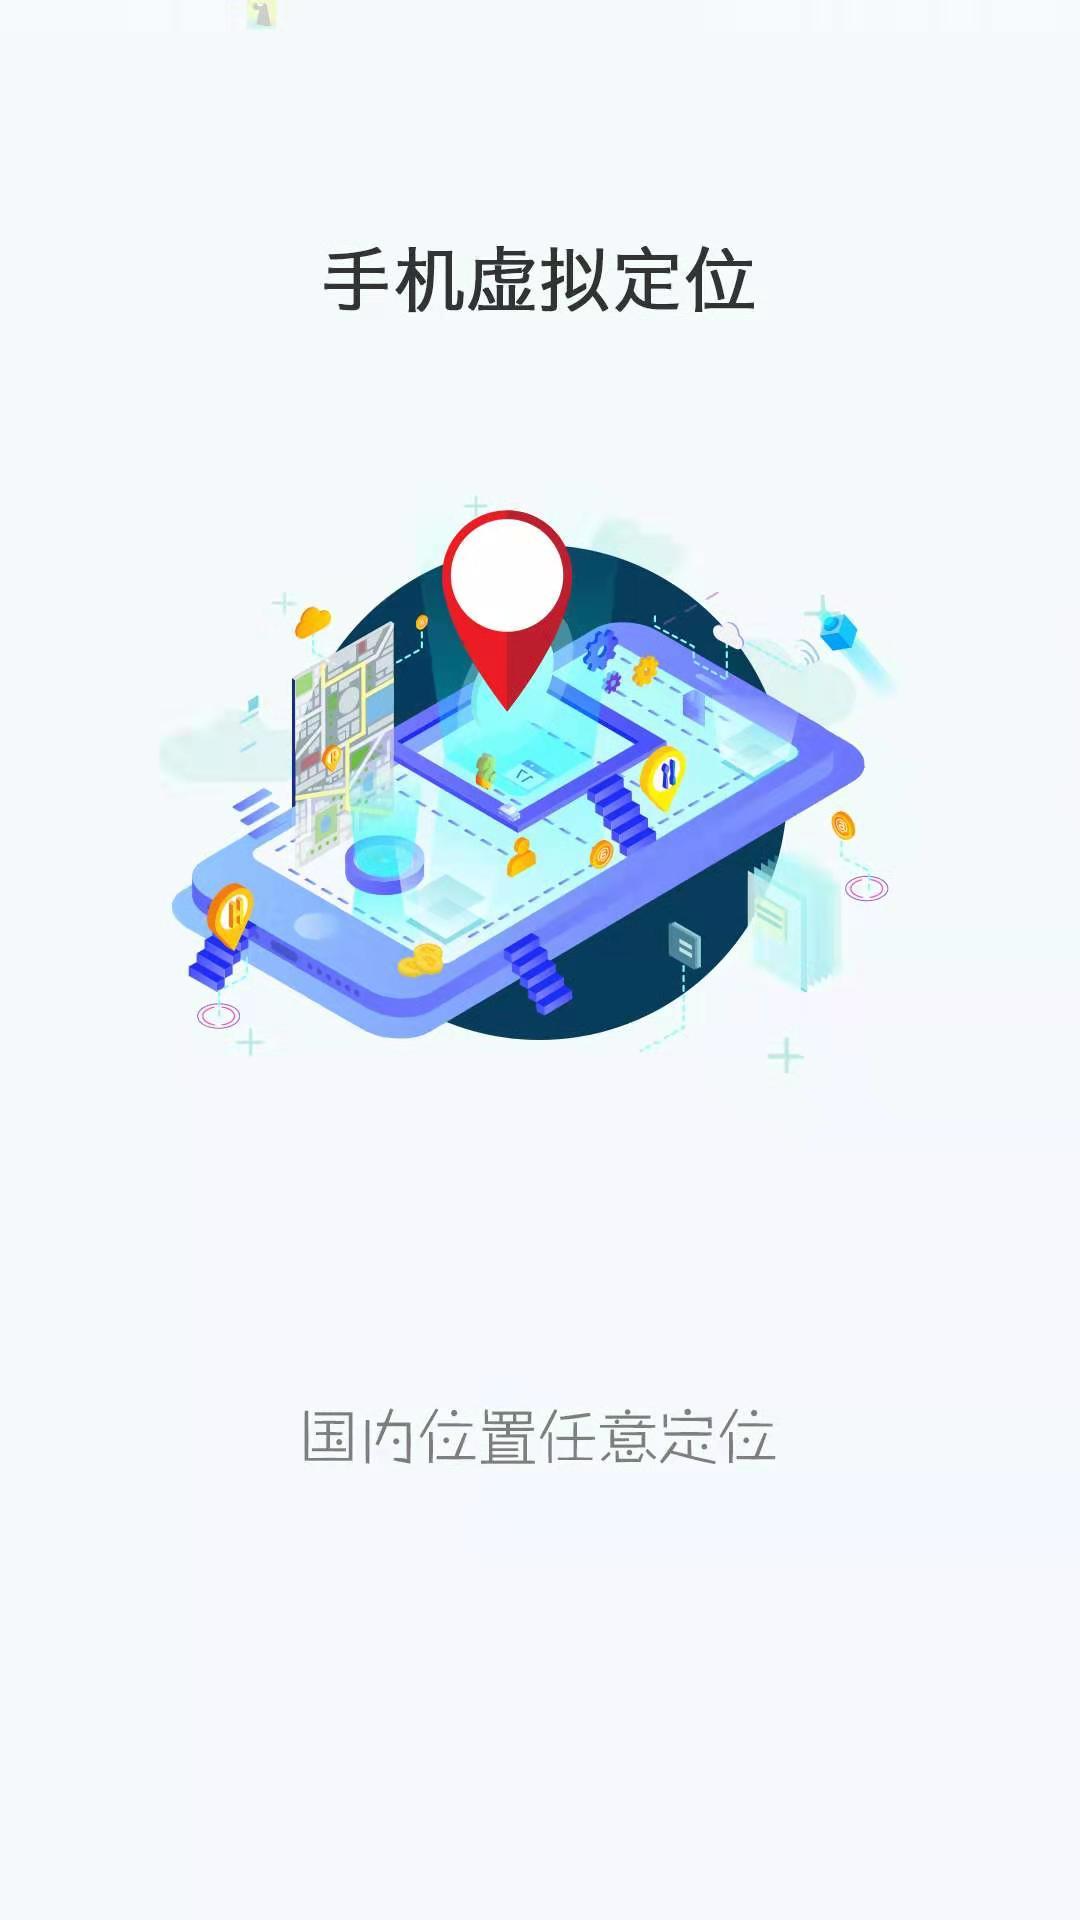 手机虚拟定位截图(1)